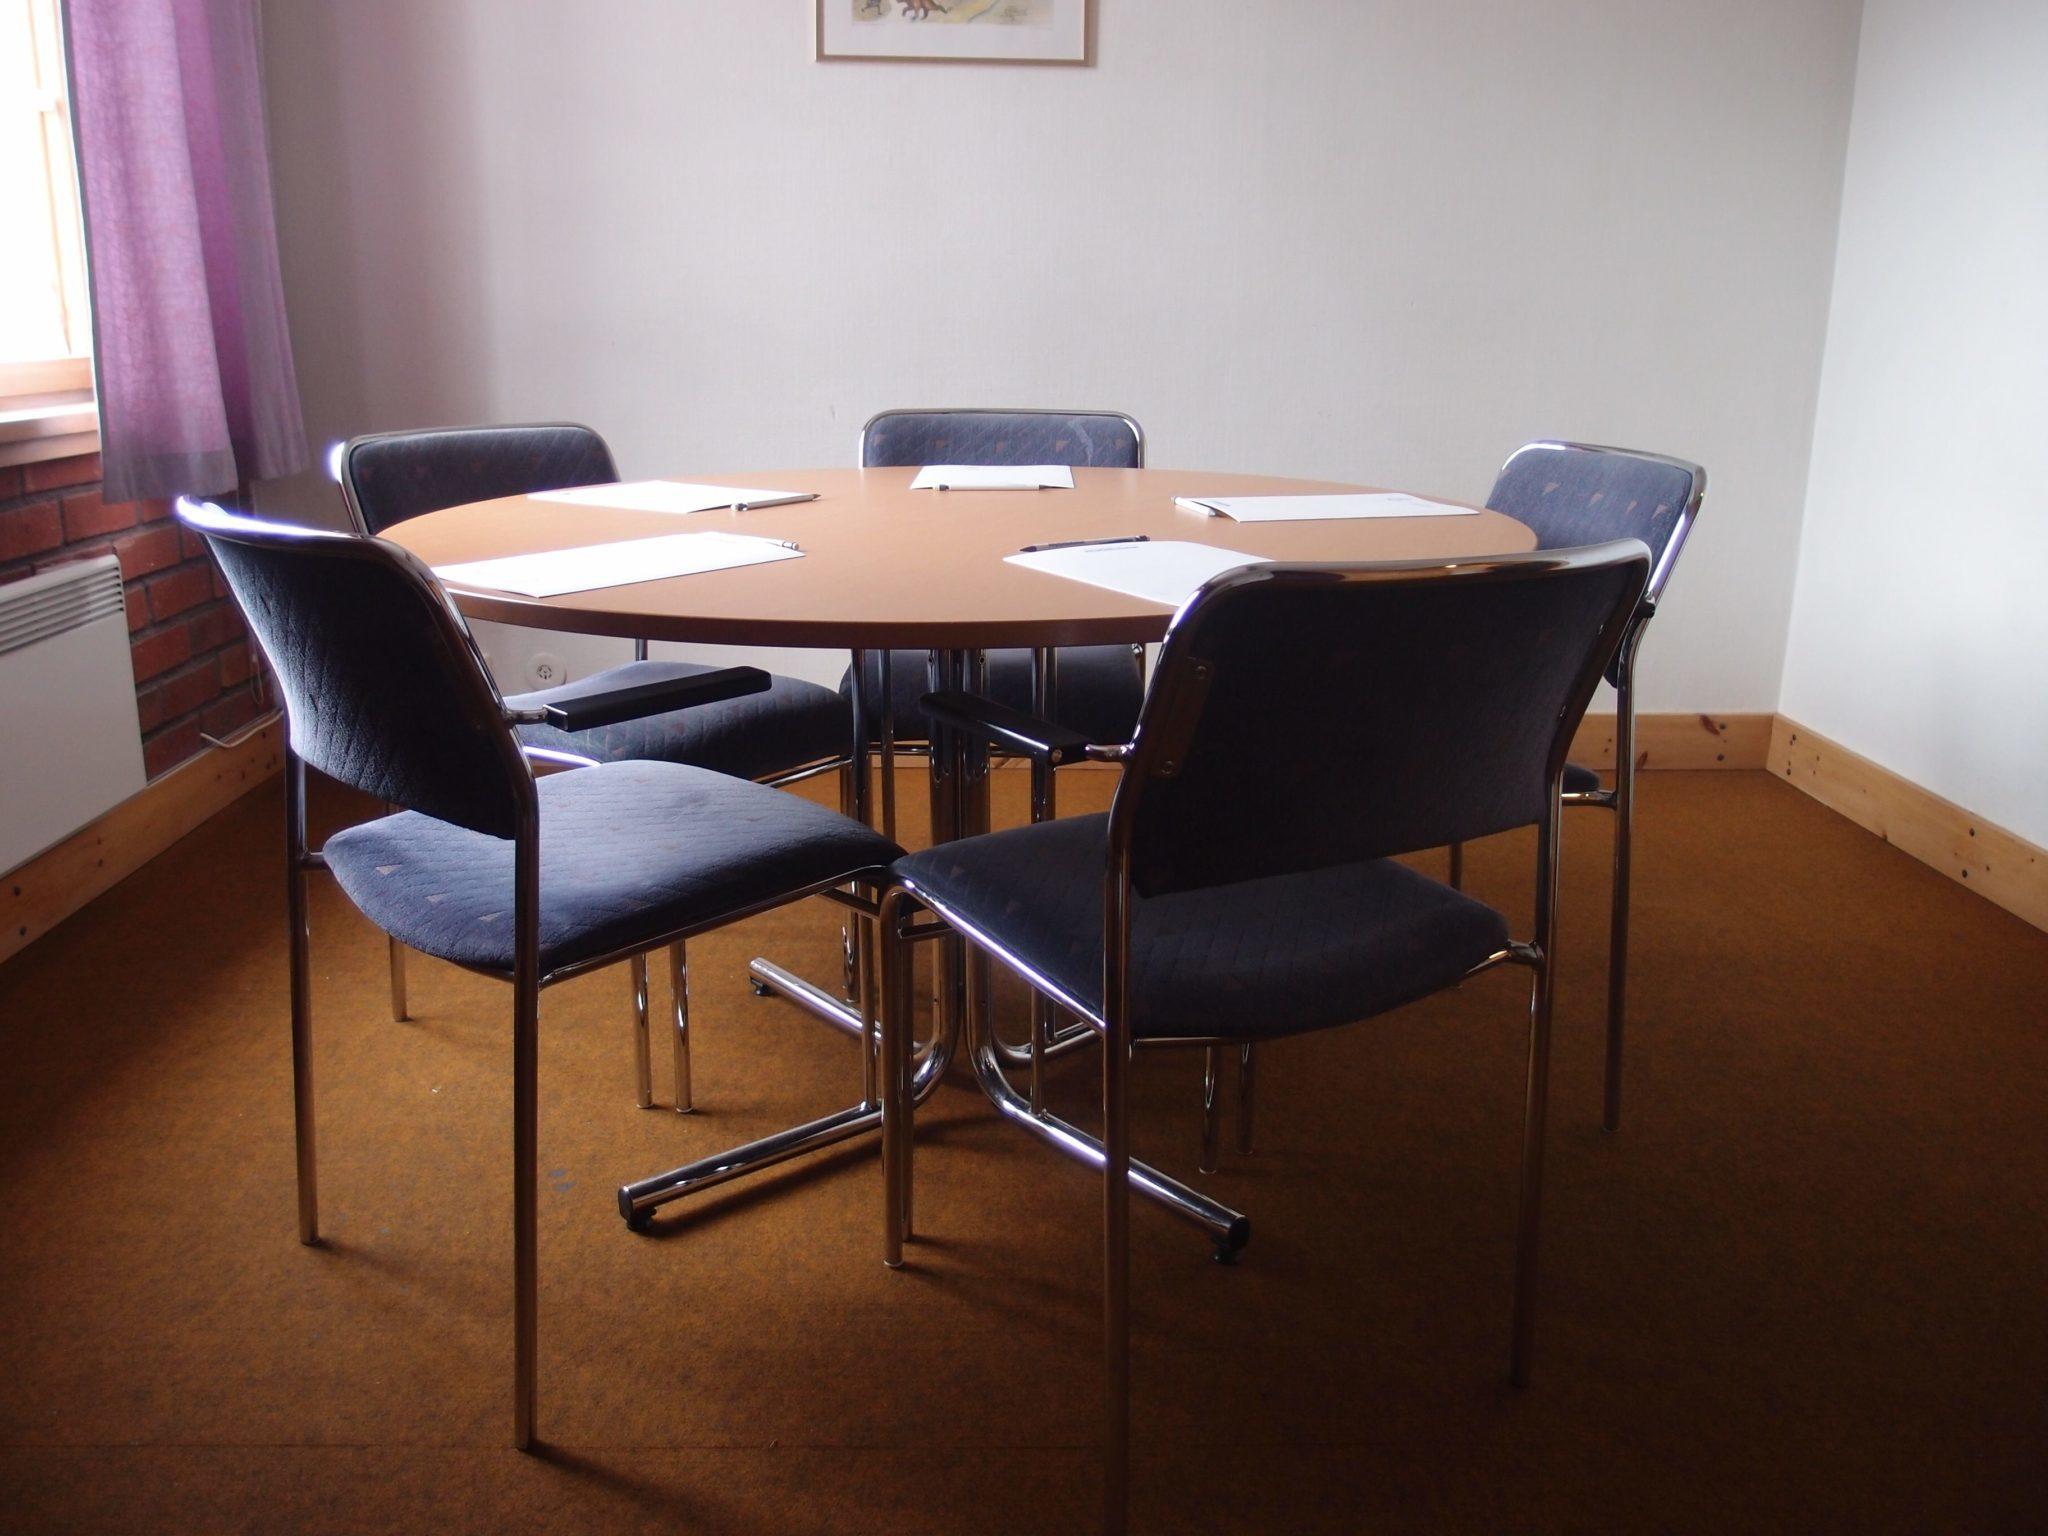 Konferens i Vemdalen. Grupprum, 7-8 personer